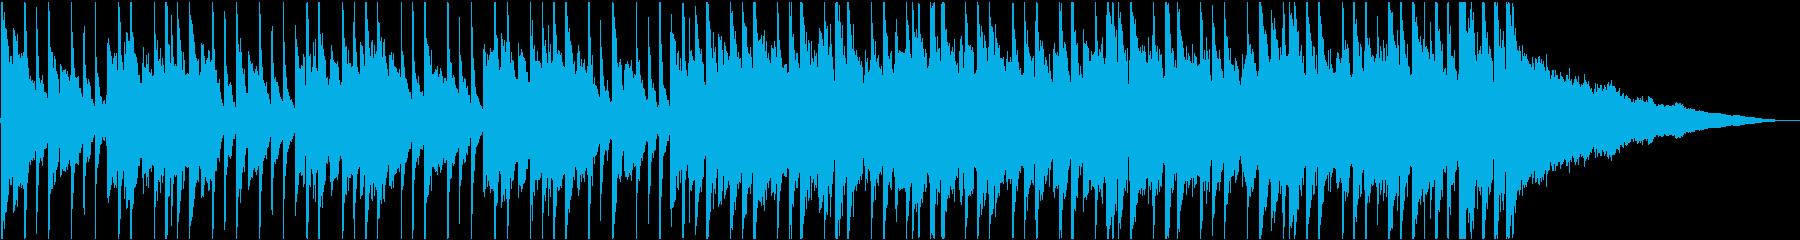 ピアノとエレキギターの明るい映像用BGMの再生済みの波形